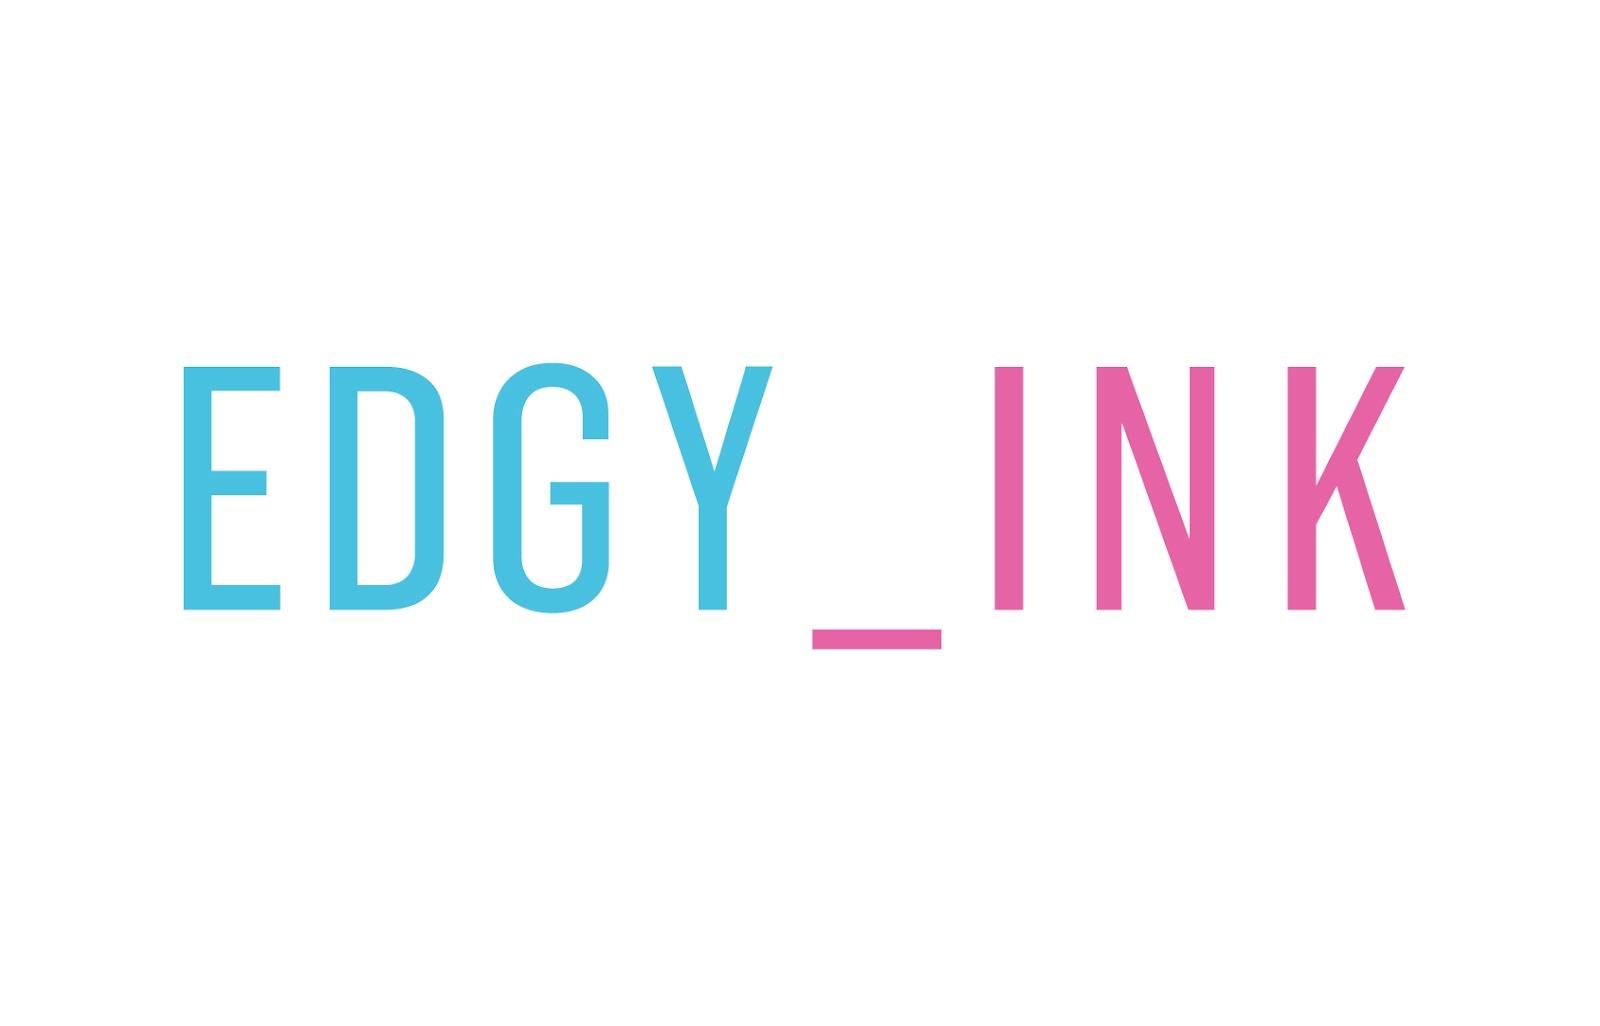 EDGY's logo